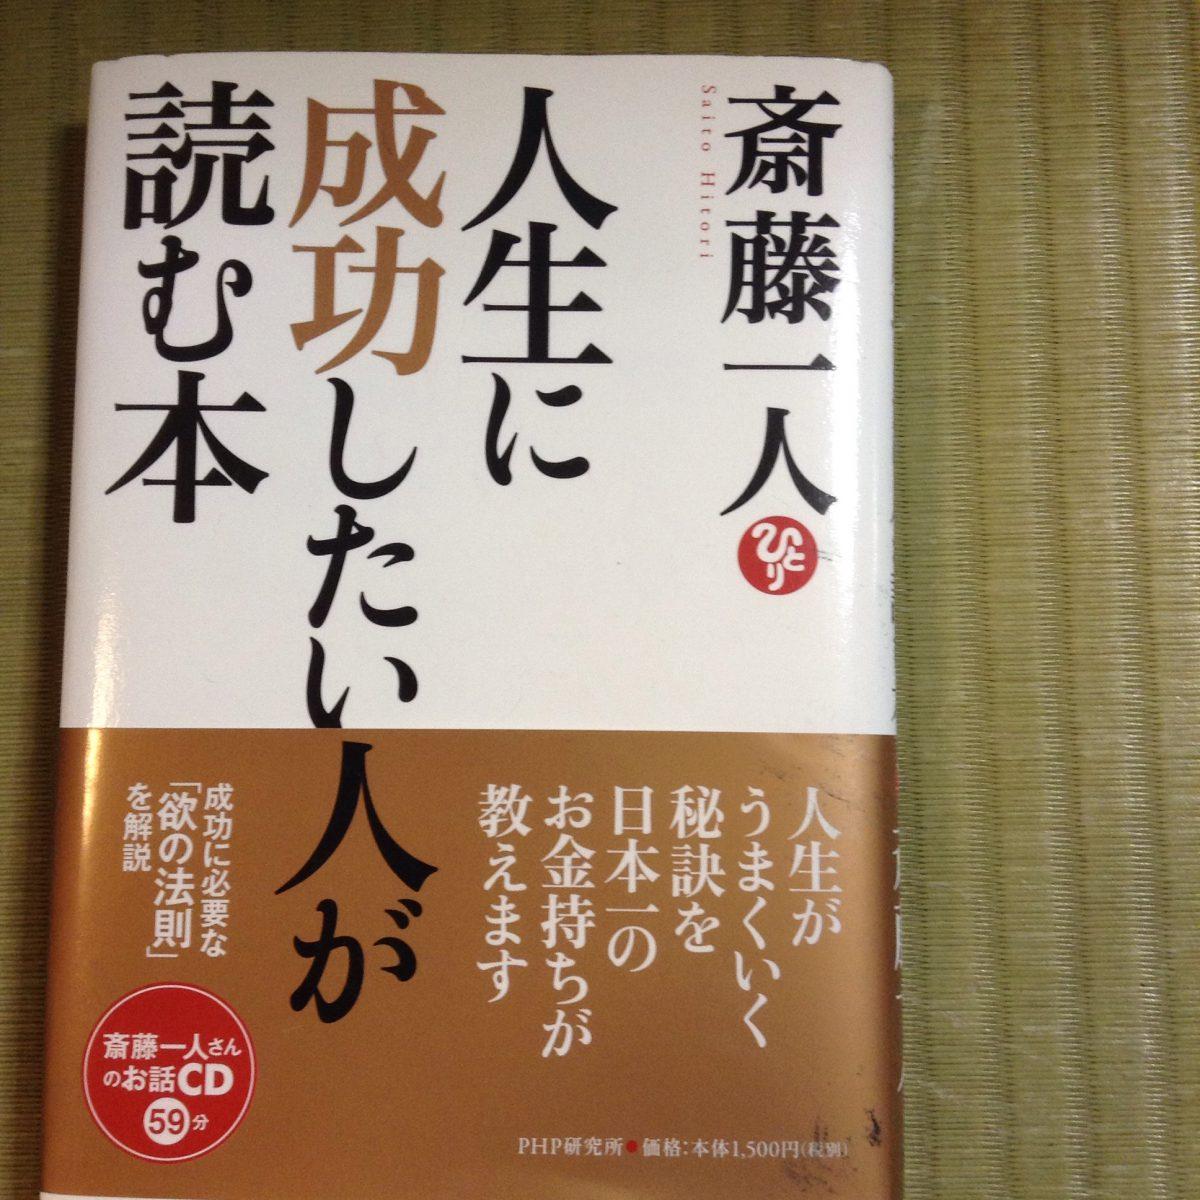 人生に成功したい人が読む本